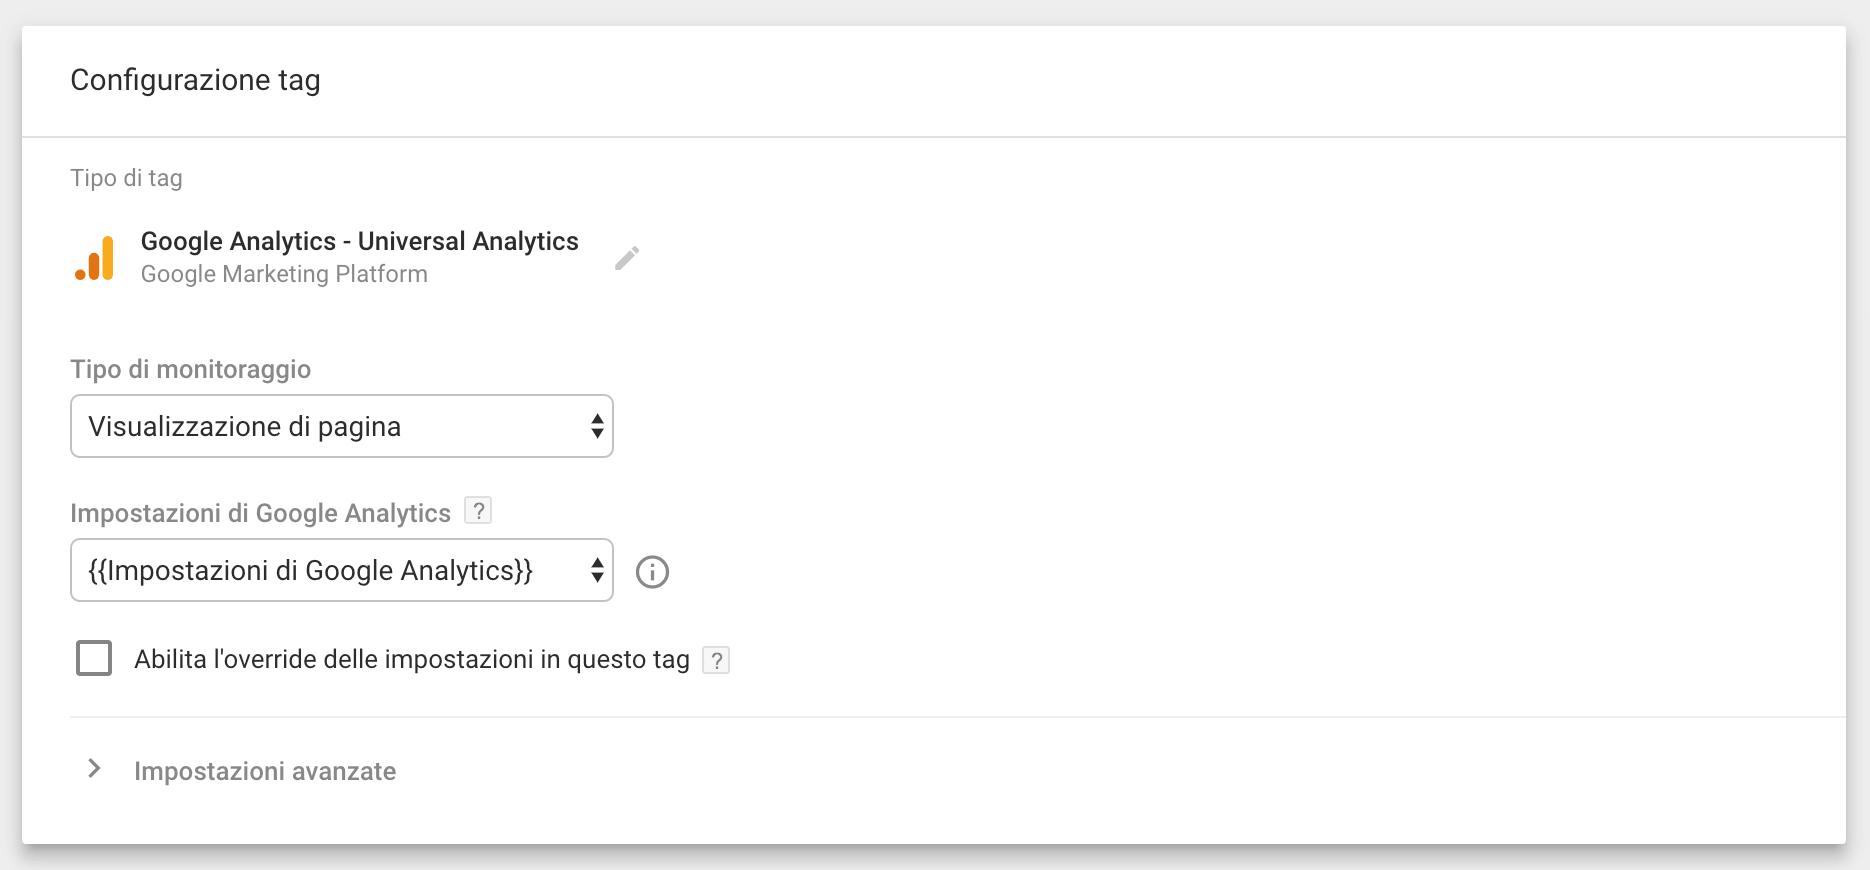 Google Tag Manager - Visualizzazione di pagina